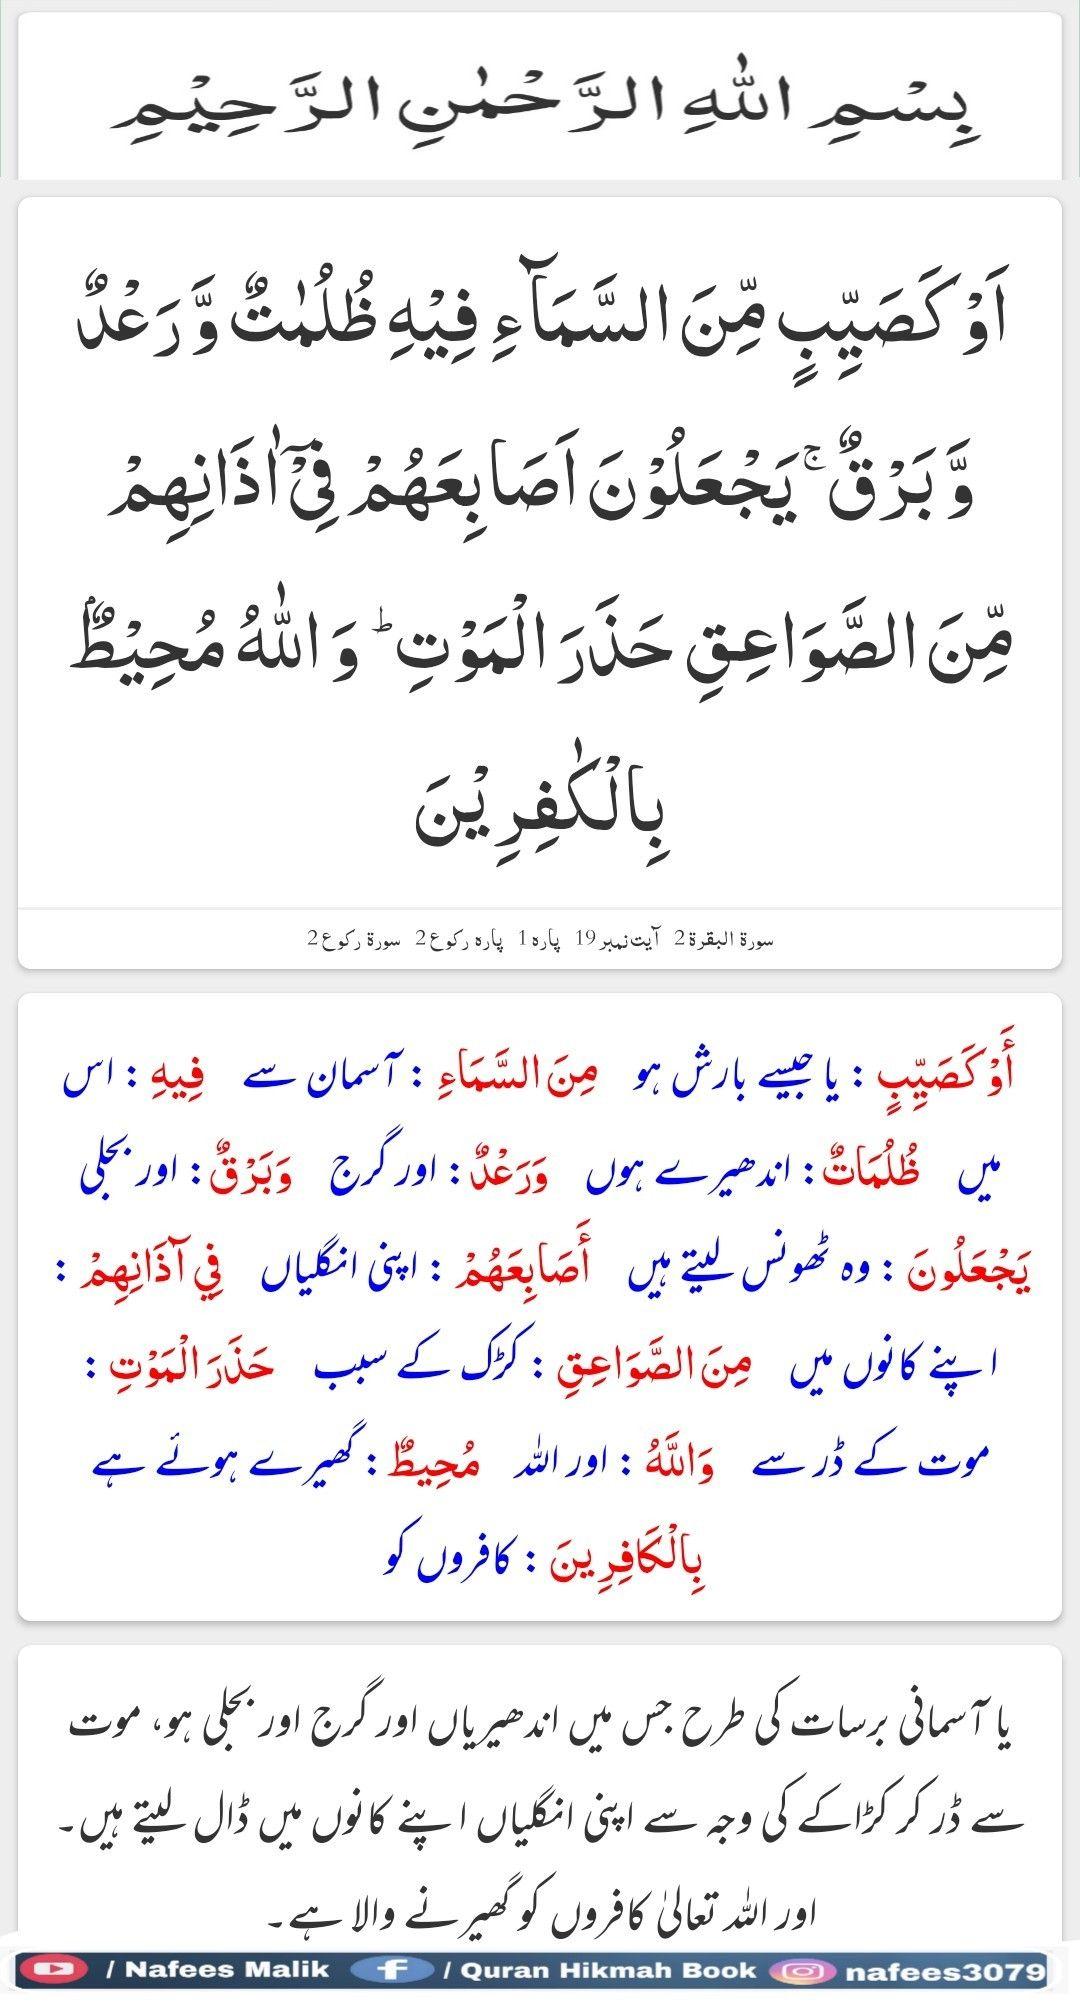 Pin By Nafees Rehman On Quran Daily Aya Urdu Poetry Math Quran